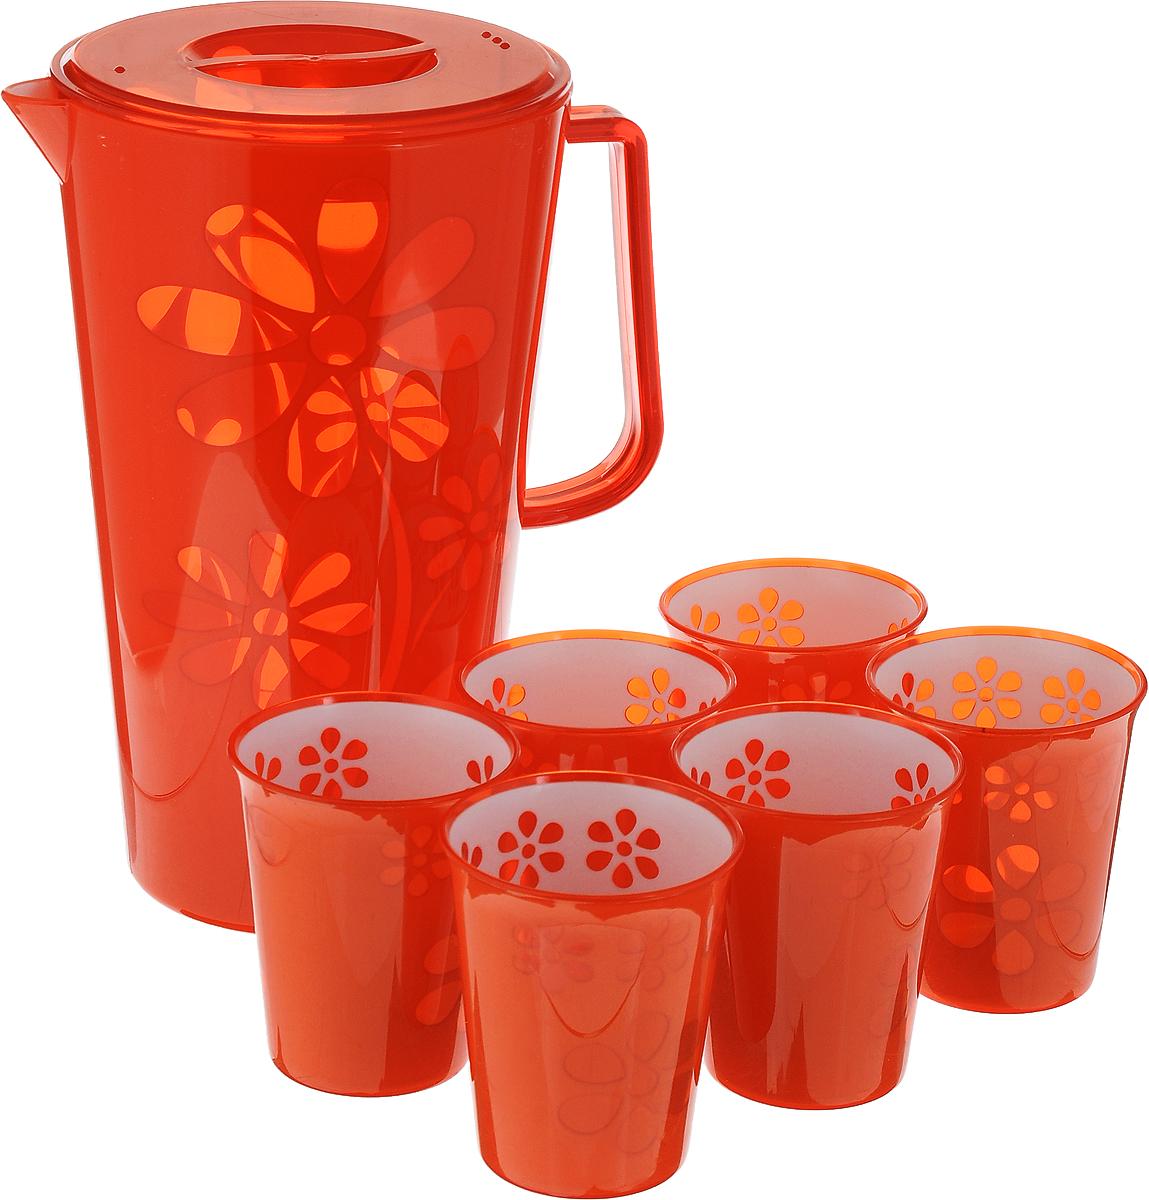 Набор питьевой Альтернатива Соблазн, 7 предметовVT-1520(SR)Набор питьевой Альтернатива Соблазн, выполненный из первоклассного нетоксичногопластика, состоит из кувшина с крышкой и 6 стаканов. Яркие изделия декорированы изображением цветов.Набор питьевой Альтернатива Соблазн - великолепное решение для летних прохладительных напитков! Диаметр кувшина (по верхнему краю): 14,5 см.Высота кувшина (с учетом крышки): 24,5 см.Объем кувшина: 2,5 л.Диаметр стакана (по верхнему краю): 7,5 см.Высота стакана: 9 см.Объем стакана: 200 мл.